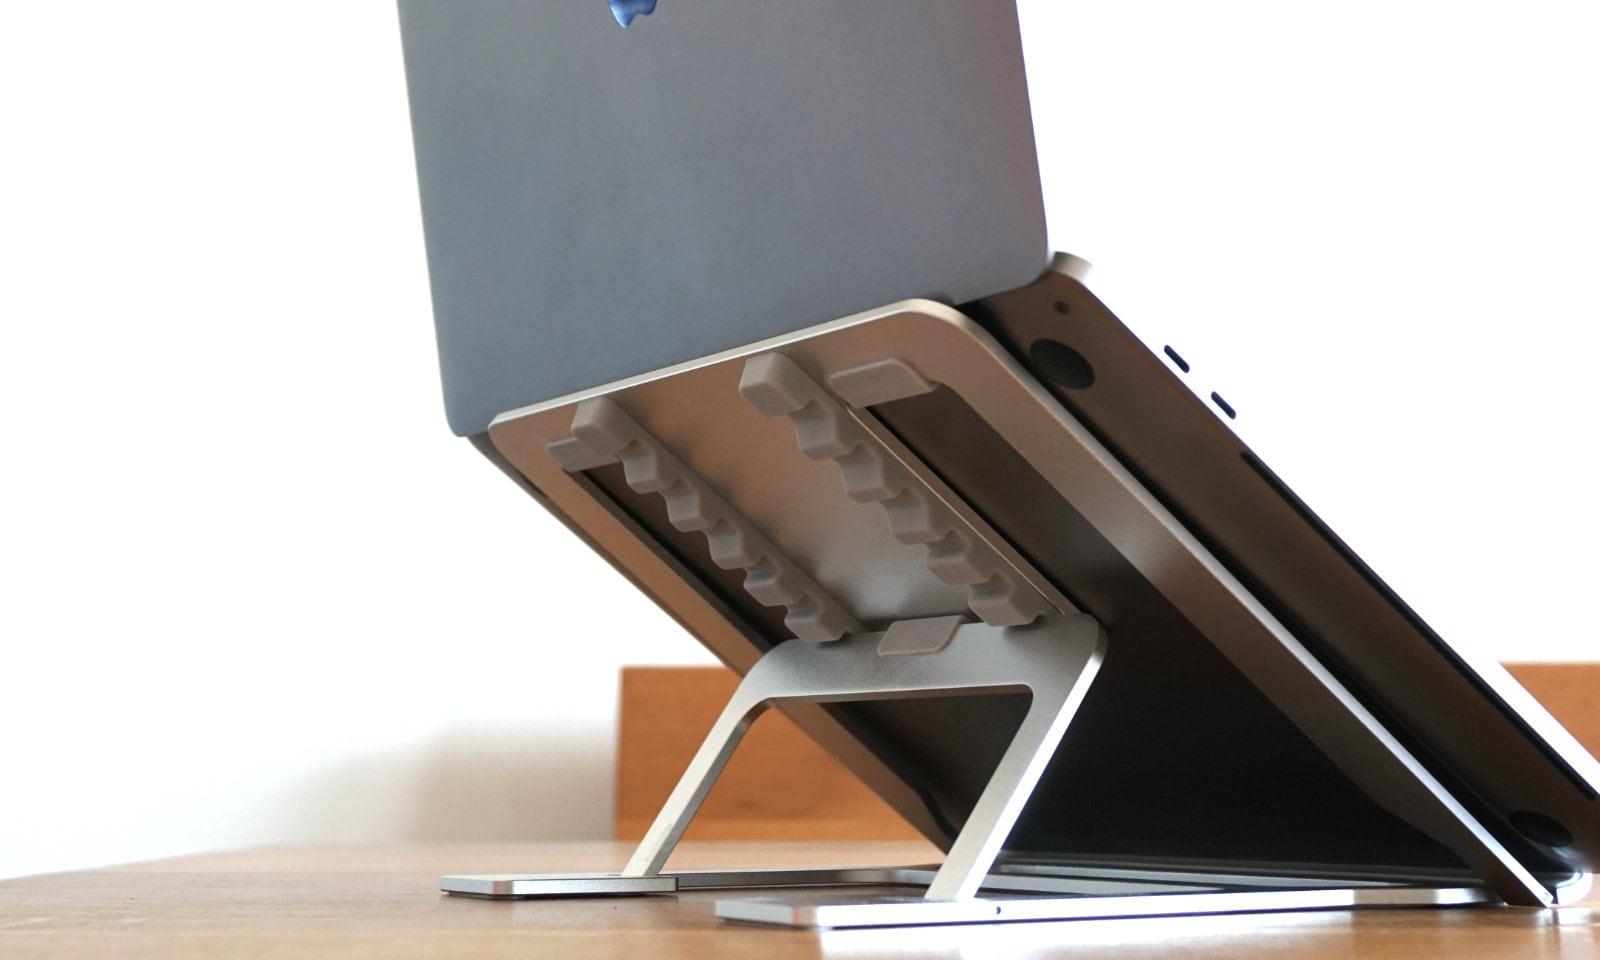 スタンドを一番高くしてMacBook Proを乗せた状態の寄りの写真。